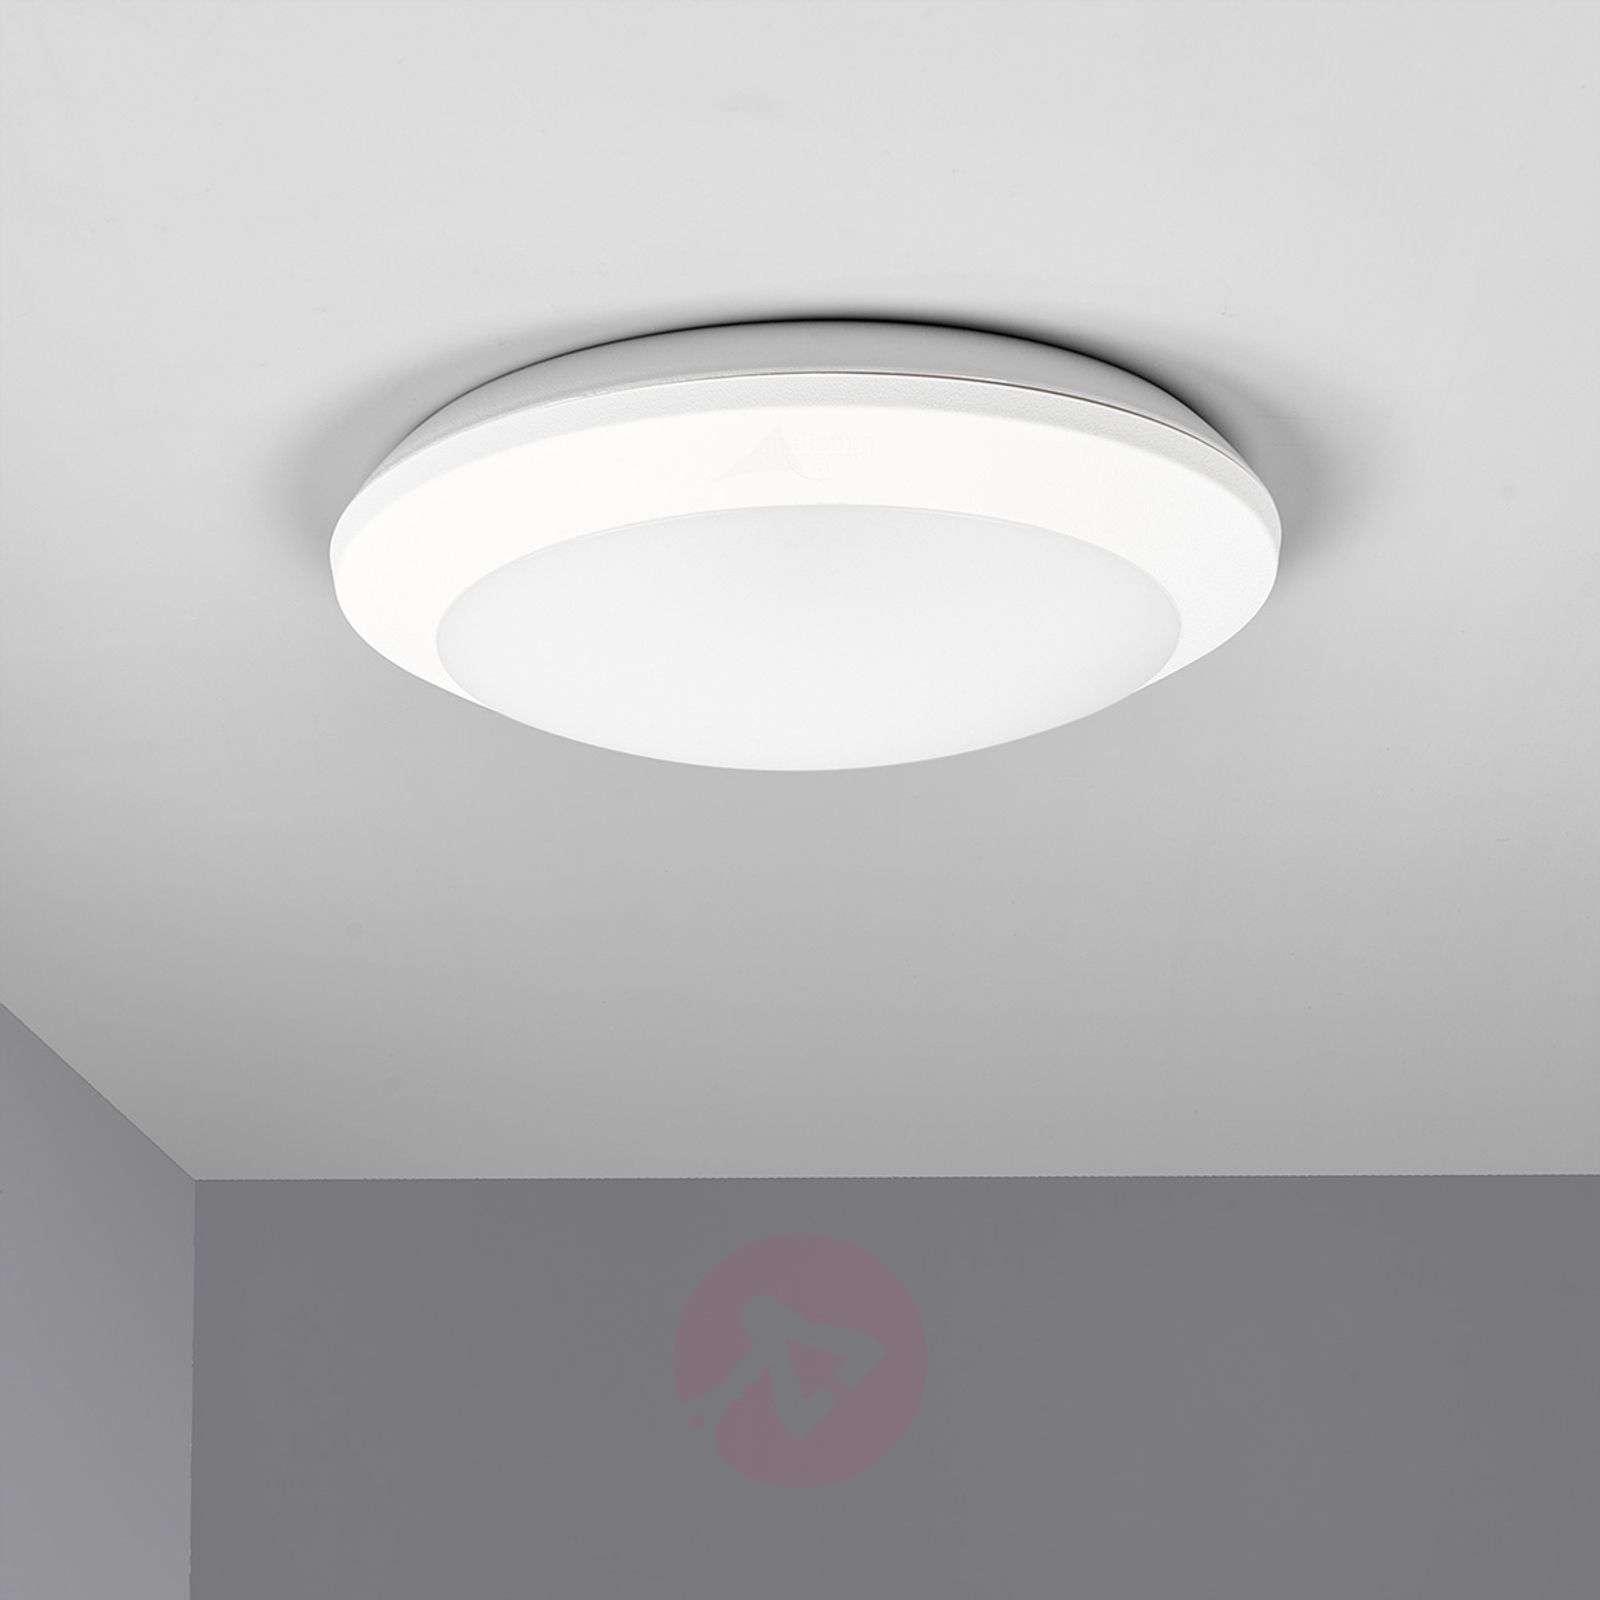 White sensor ceiling light Umberta 11 W 3,000 K-3538057-02